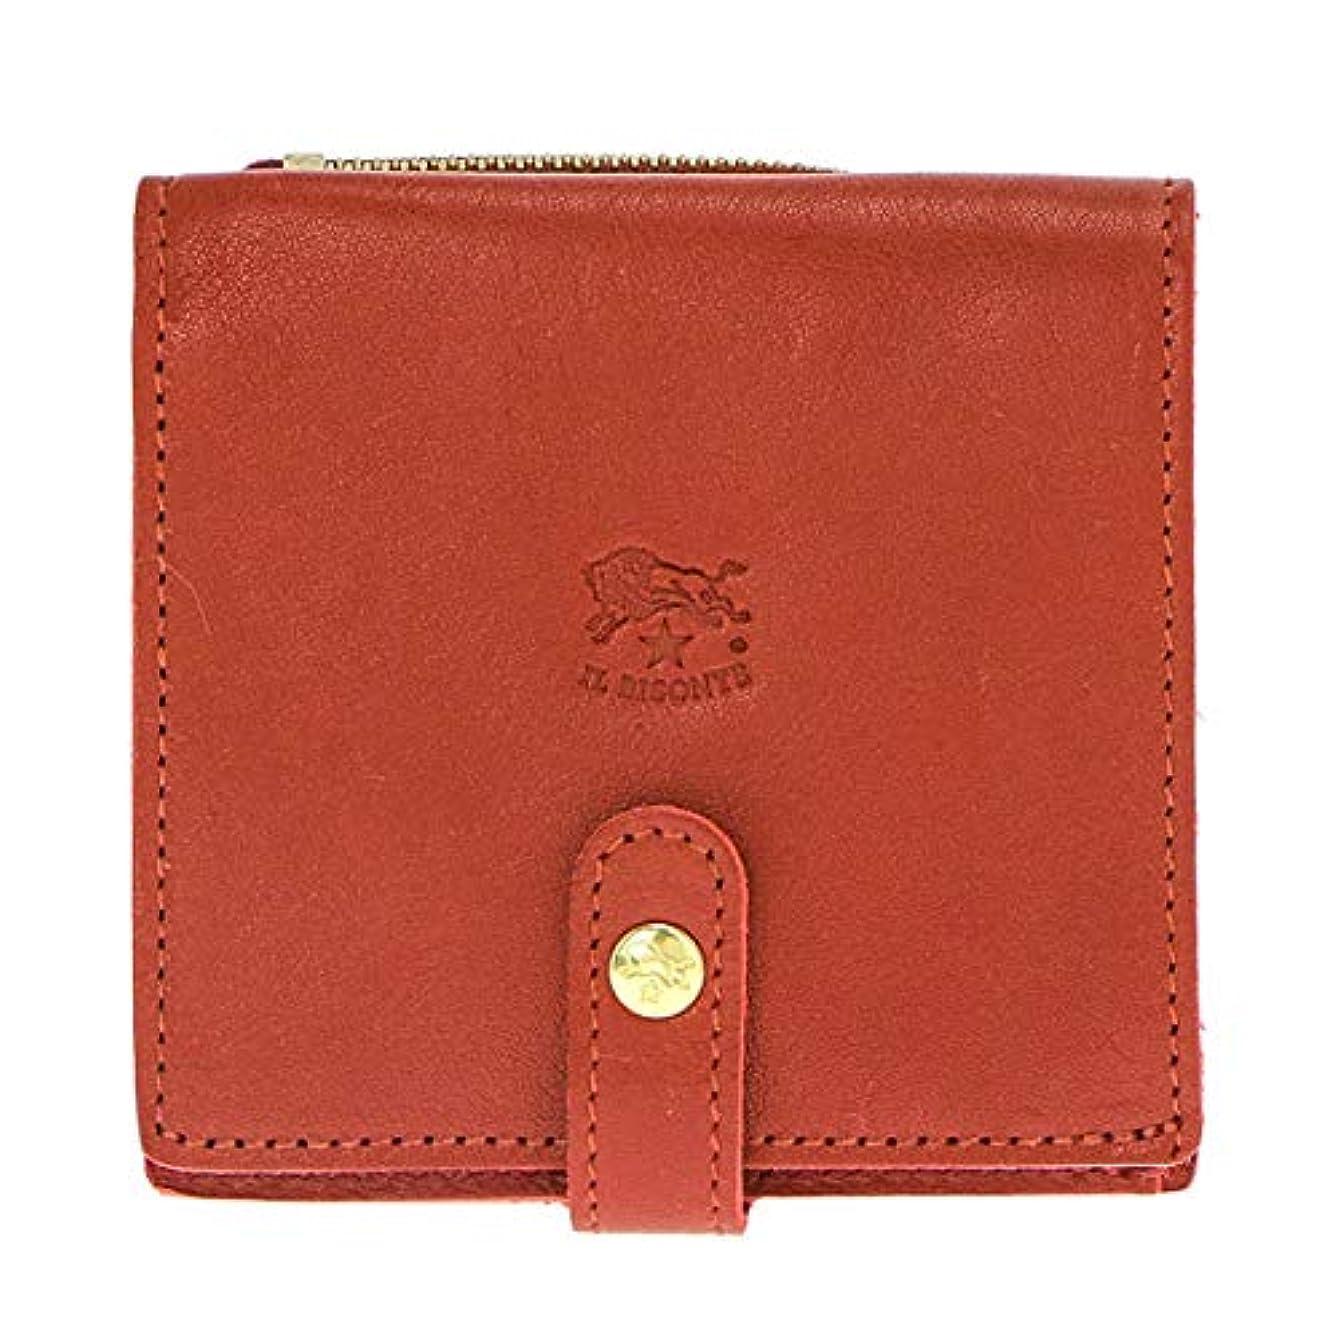 グラディスコンサルタント擬人イルビゾンテ C0962/245 二つ折り財布 【並行輸入品】